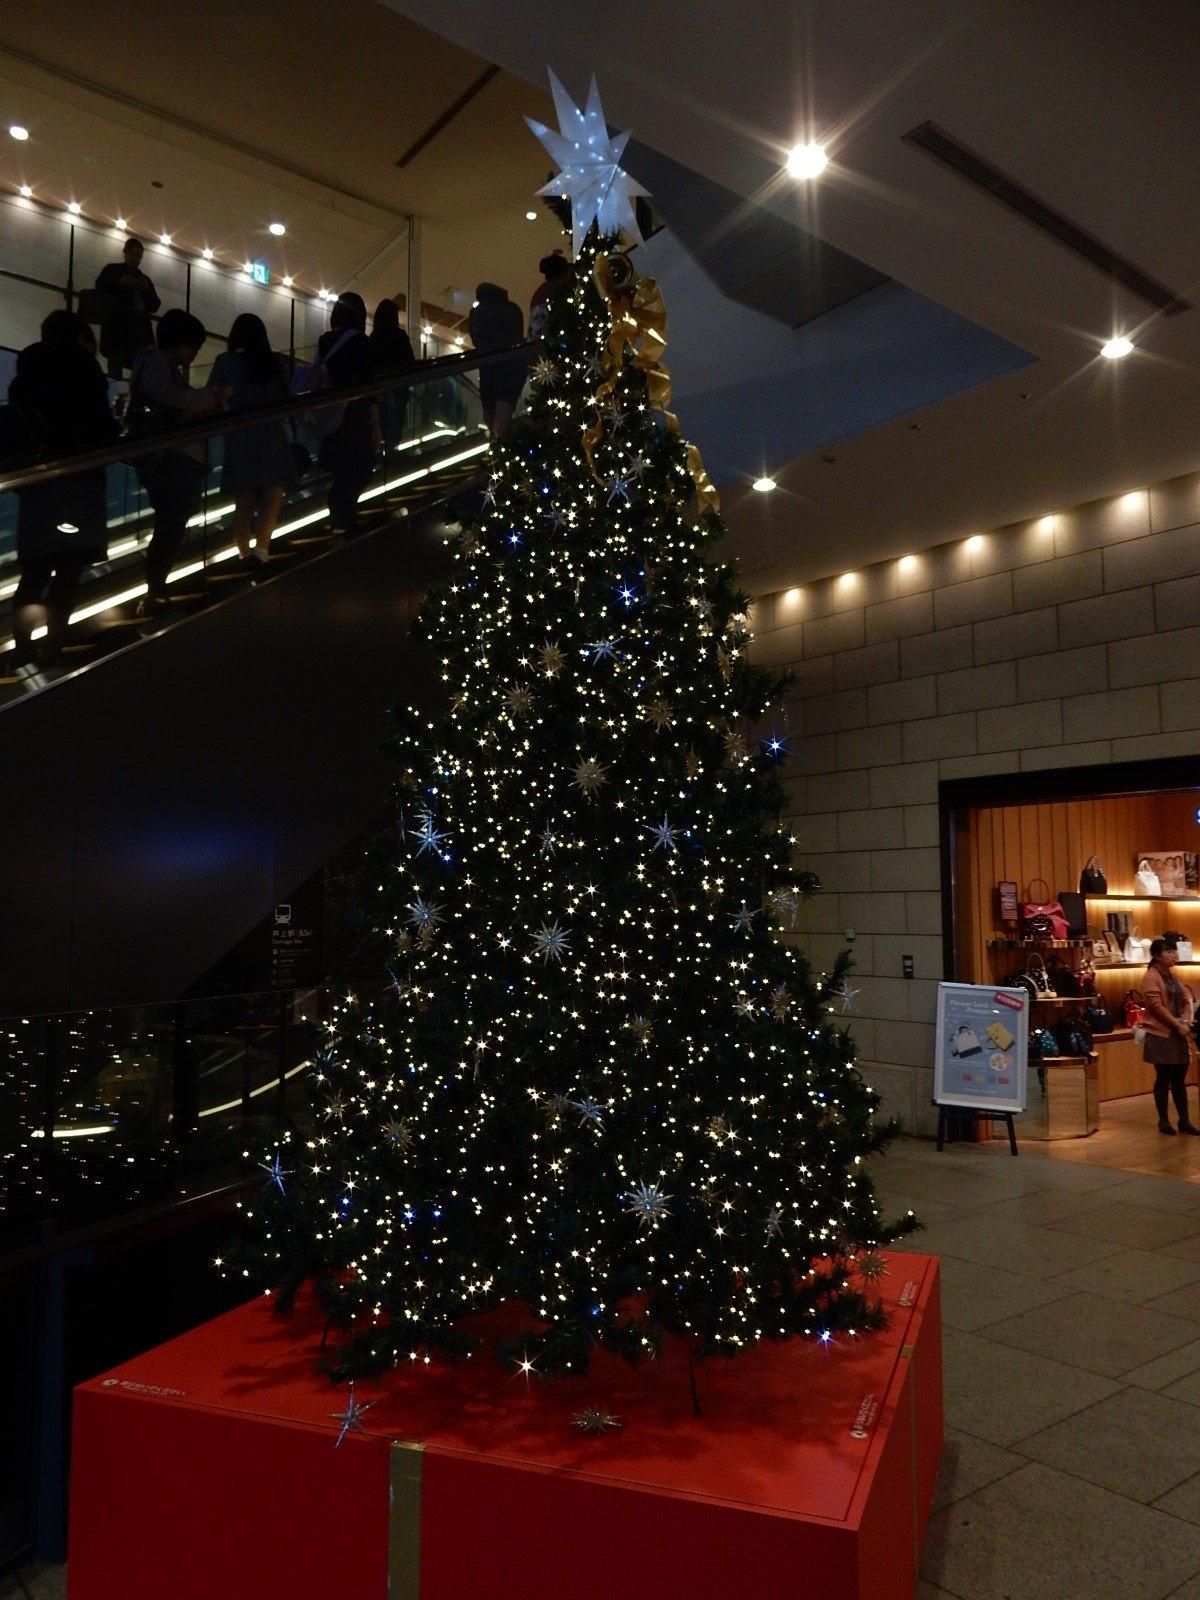 ソラマチ一階のクリスマスツリー